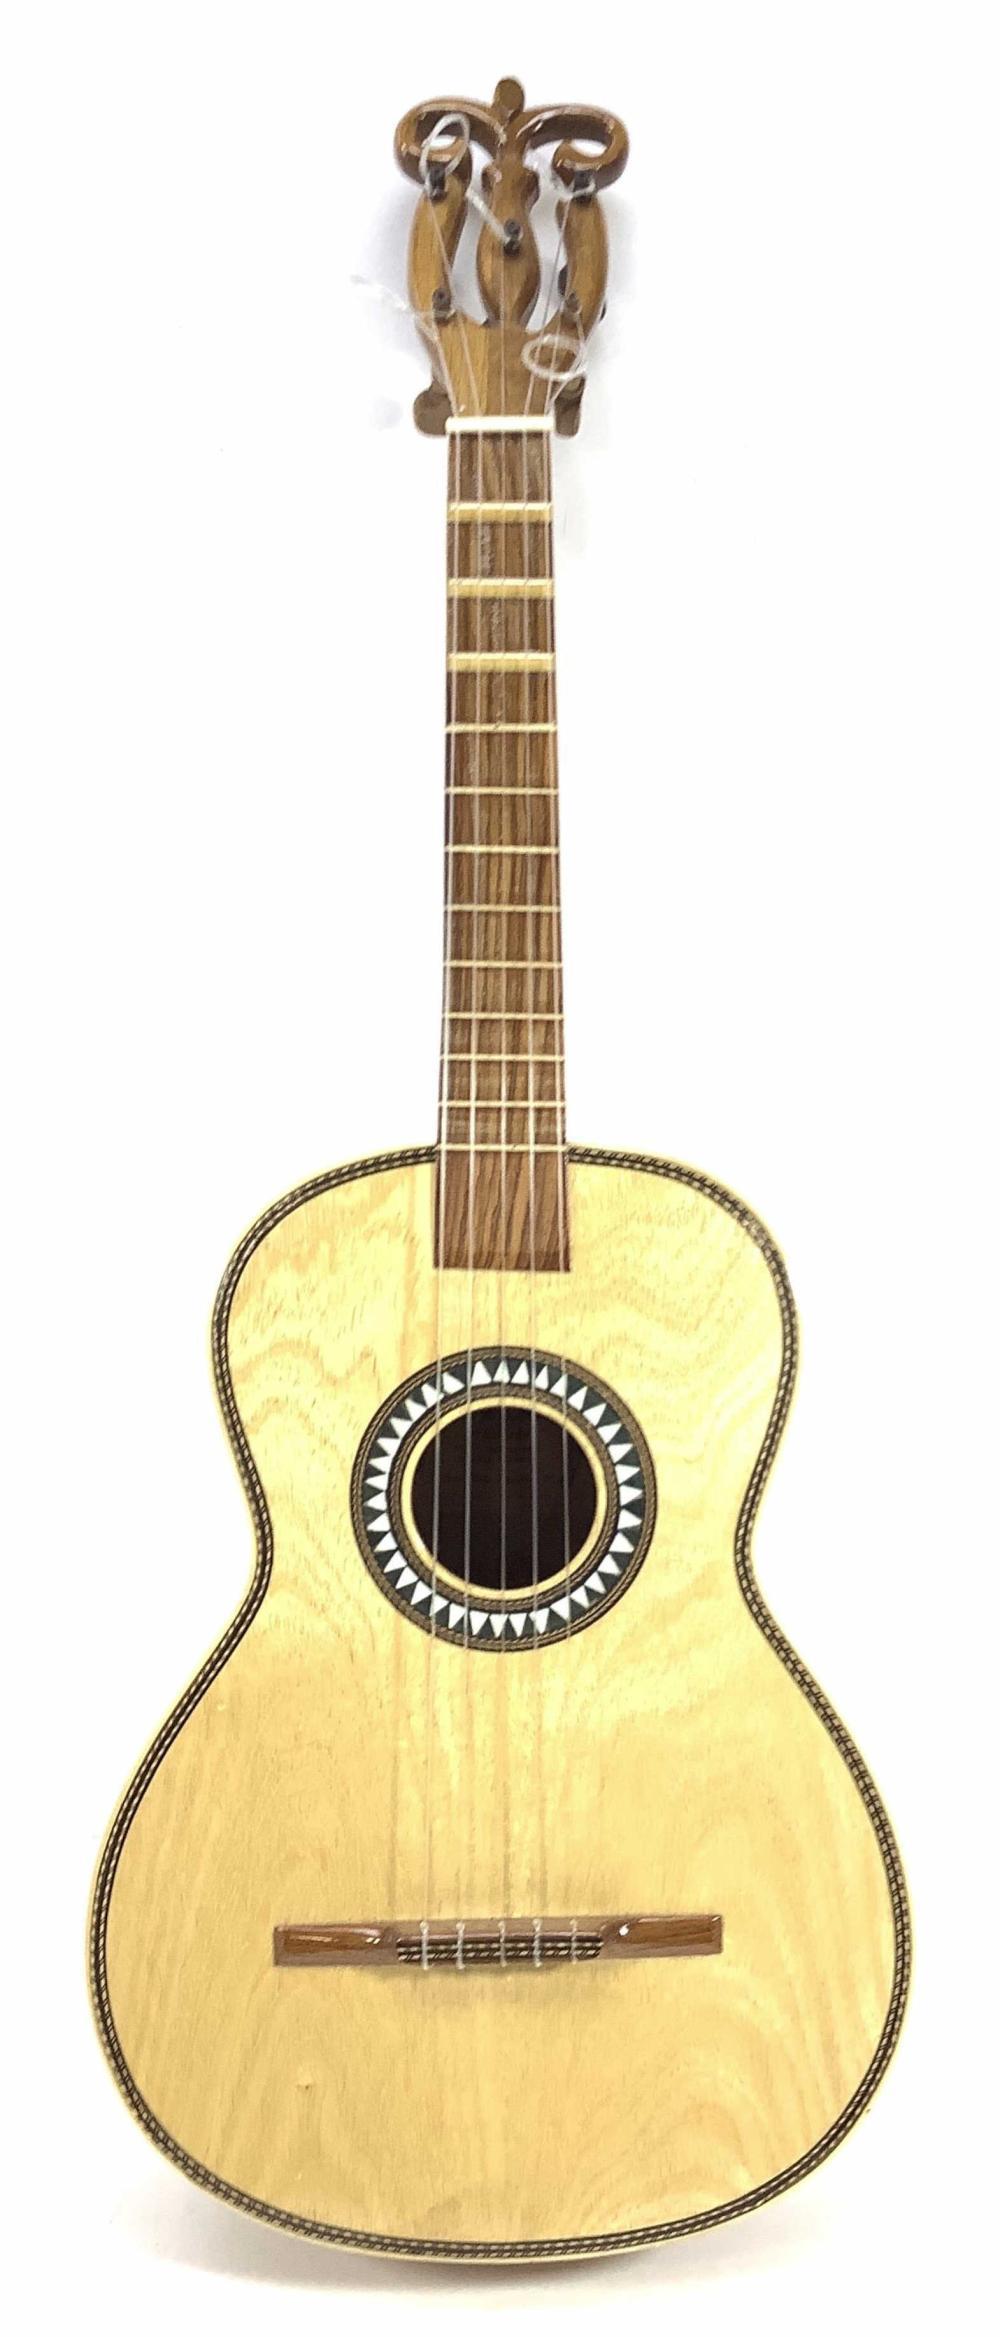 Jose Luis Sanchez Acoustic 5 String Guitar W/ Case